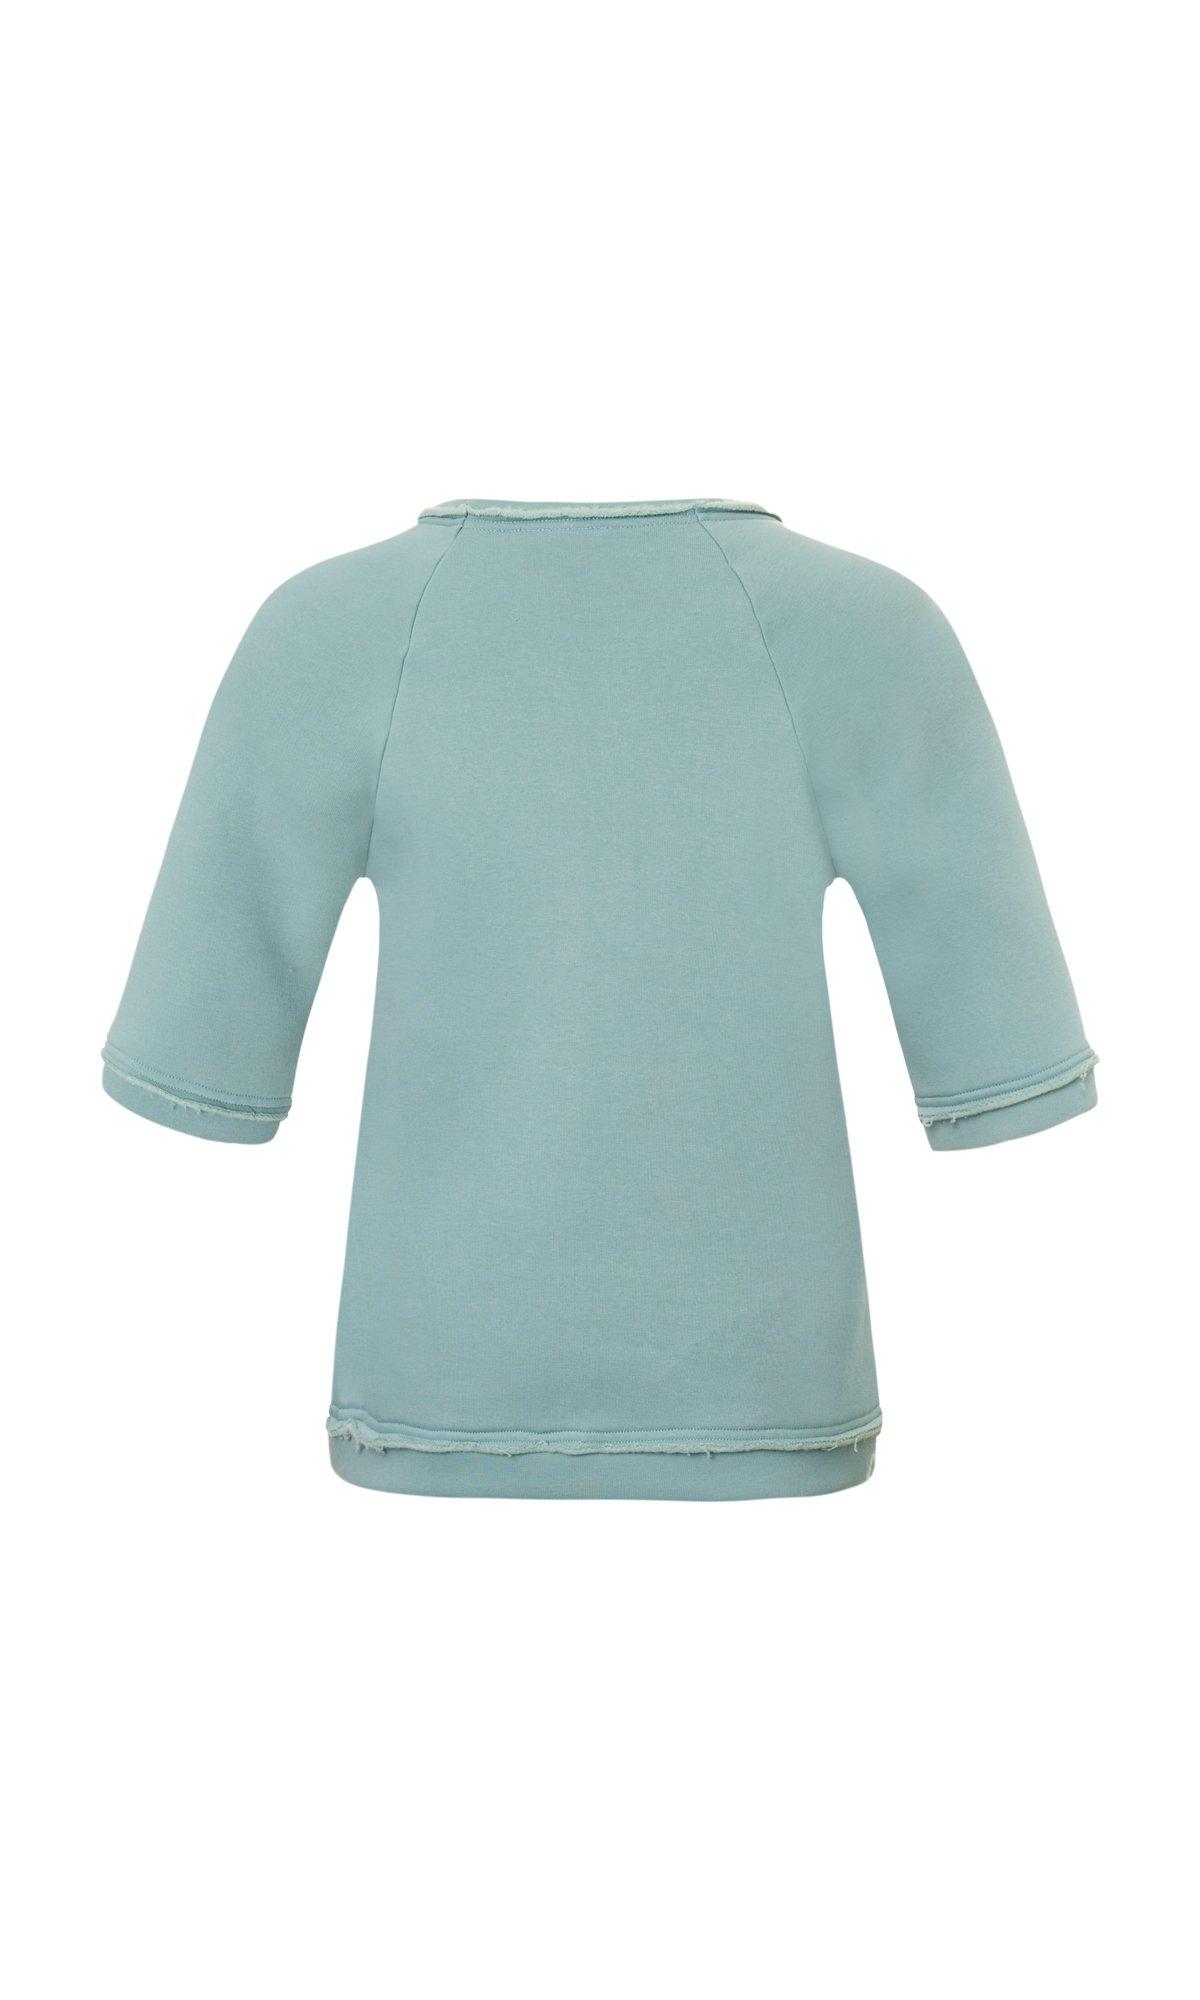 Mid Sleeve Warm Sweatshirt